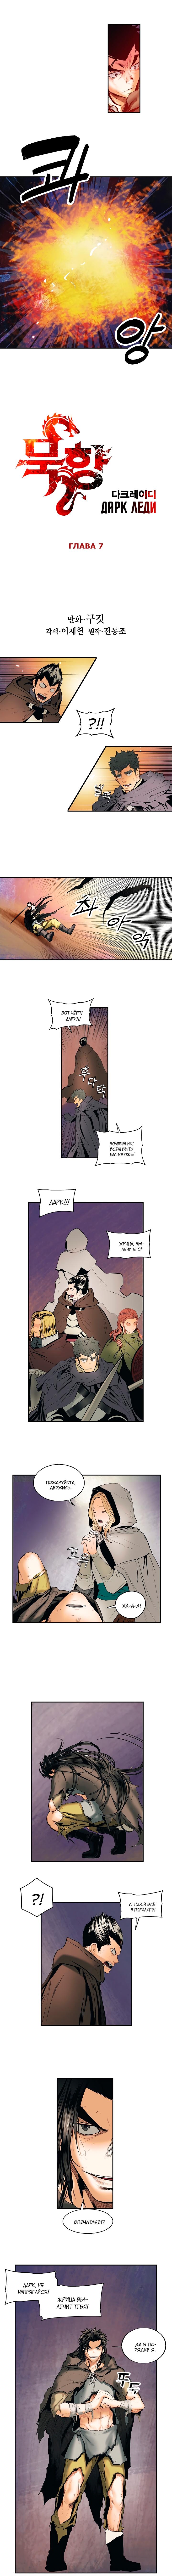 https://r2.ninemanga.com/comics/pic5/38/38630/1471358/1564945931269.png Page 2